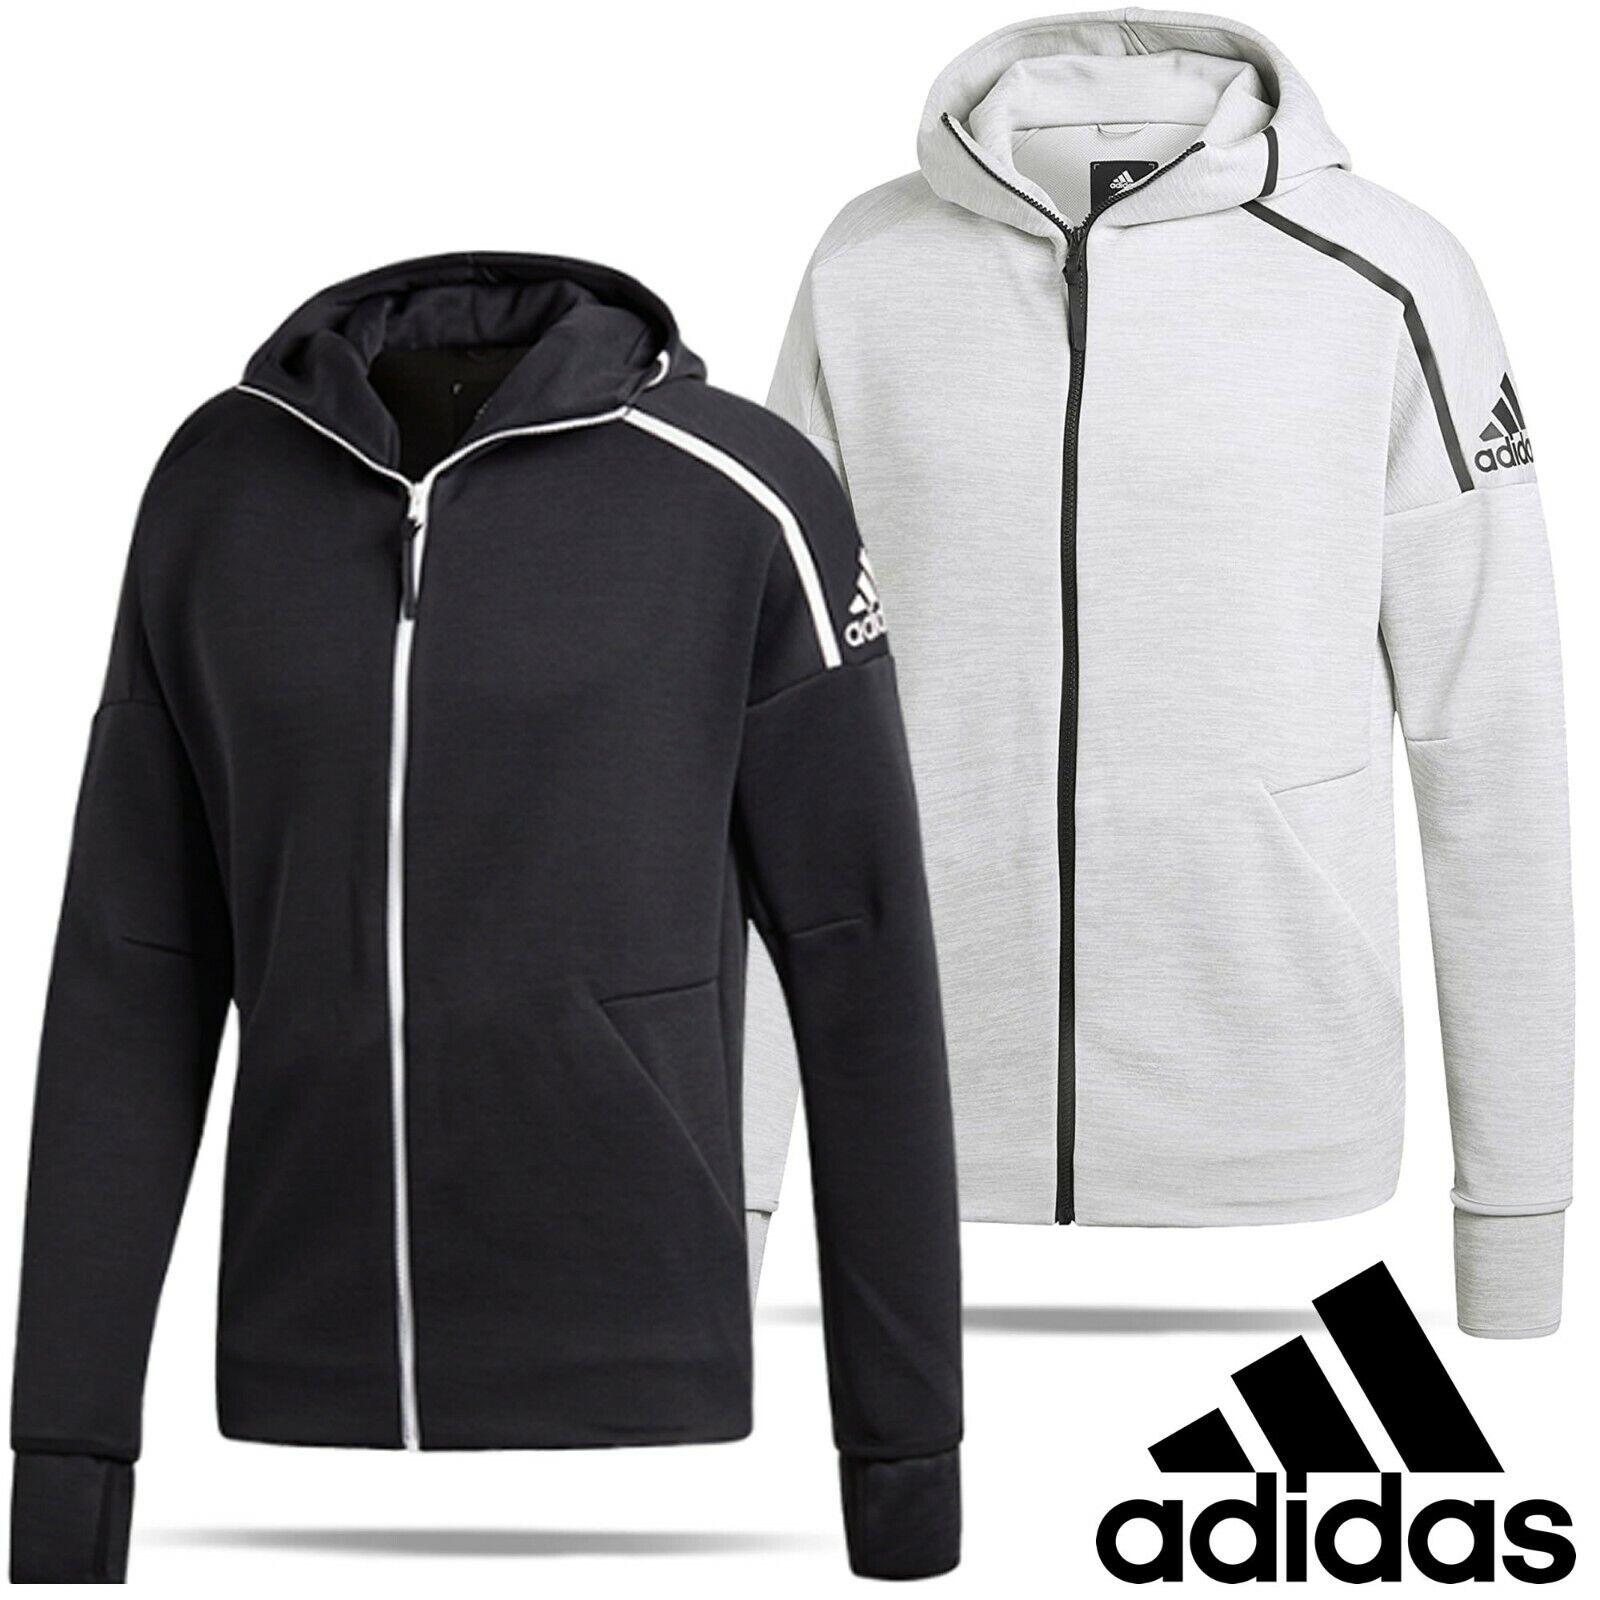 ADIDAS Trainingsjacke mit Kapuze in Grau Schwarz online